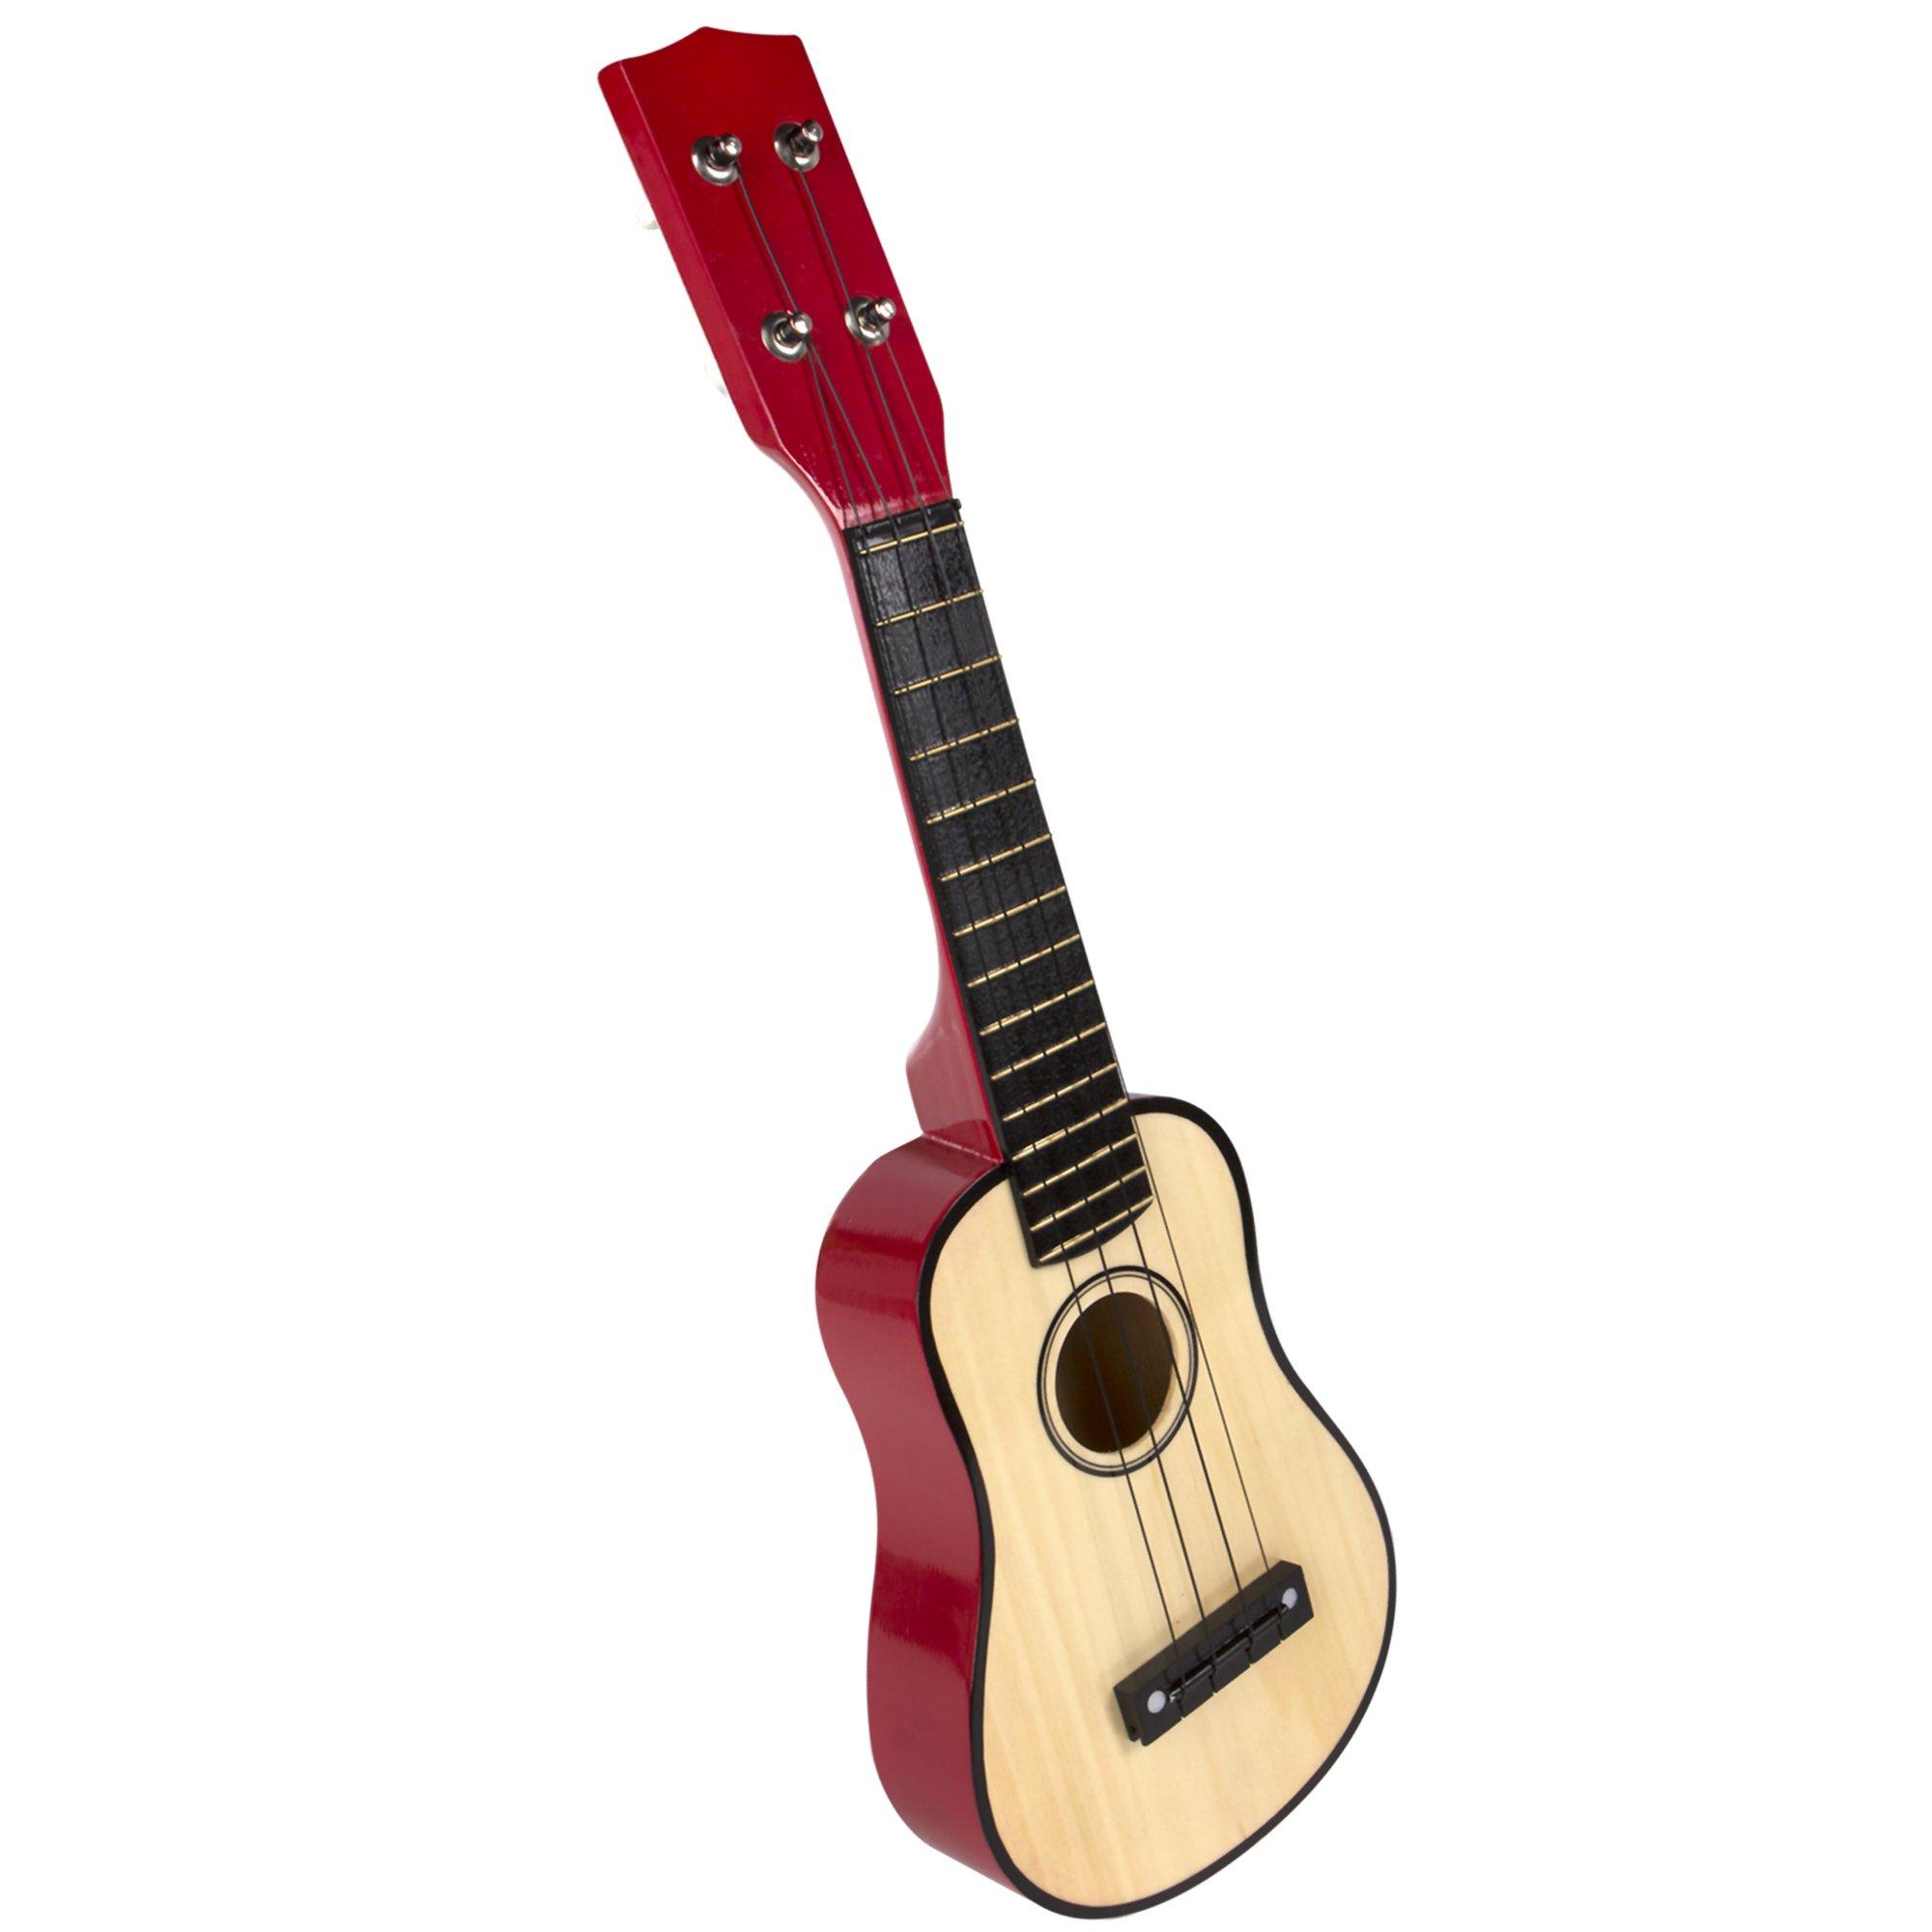 ColorBaby - Guitarra de madera, 4 cuerdas (42142) product image